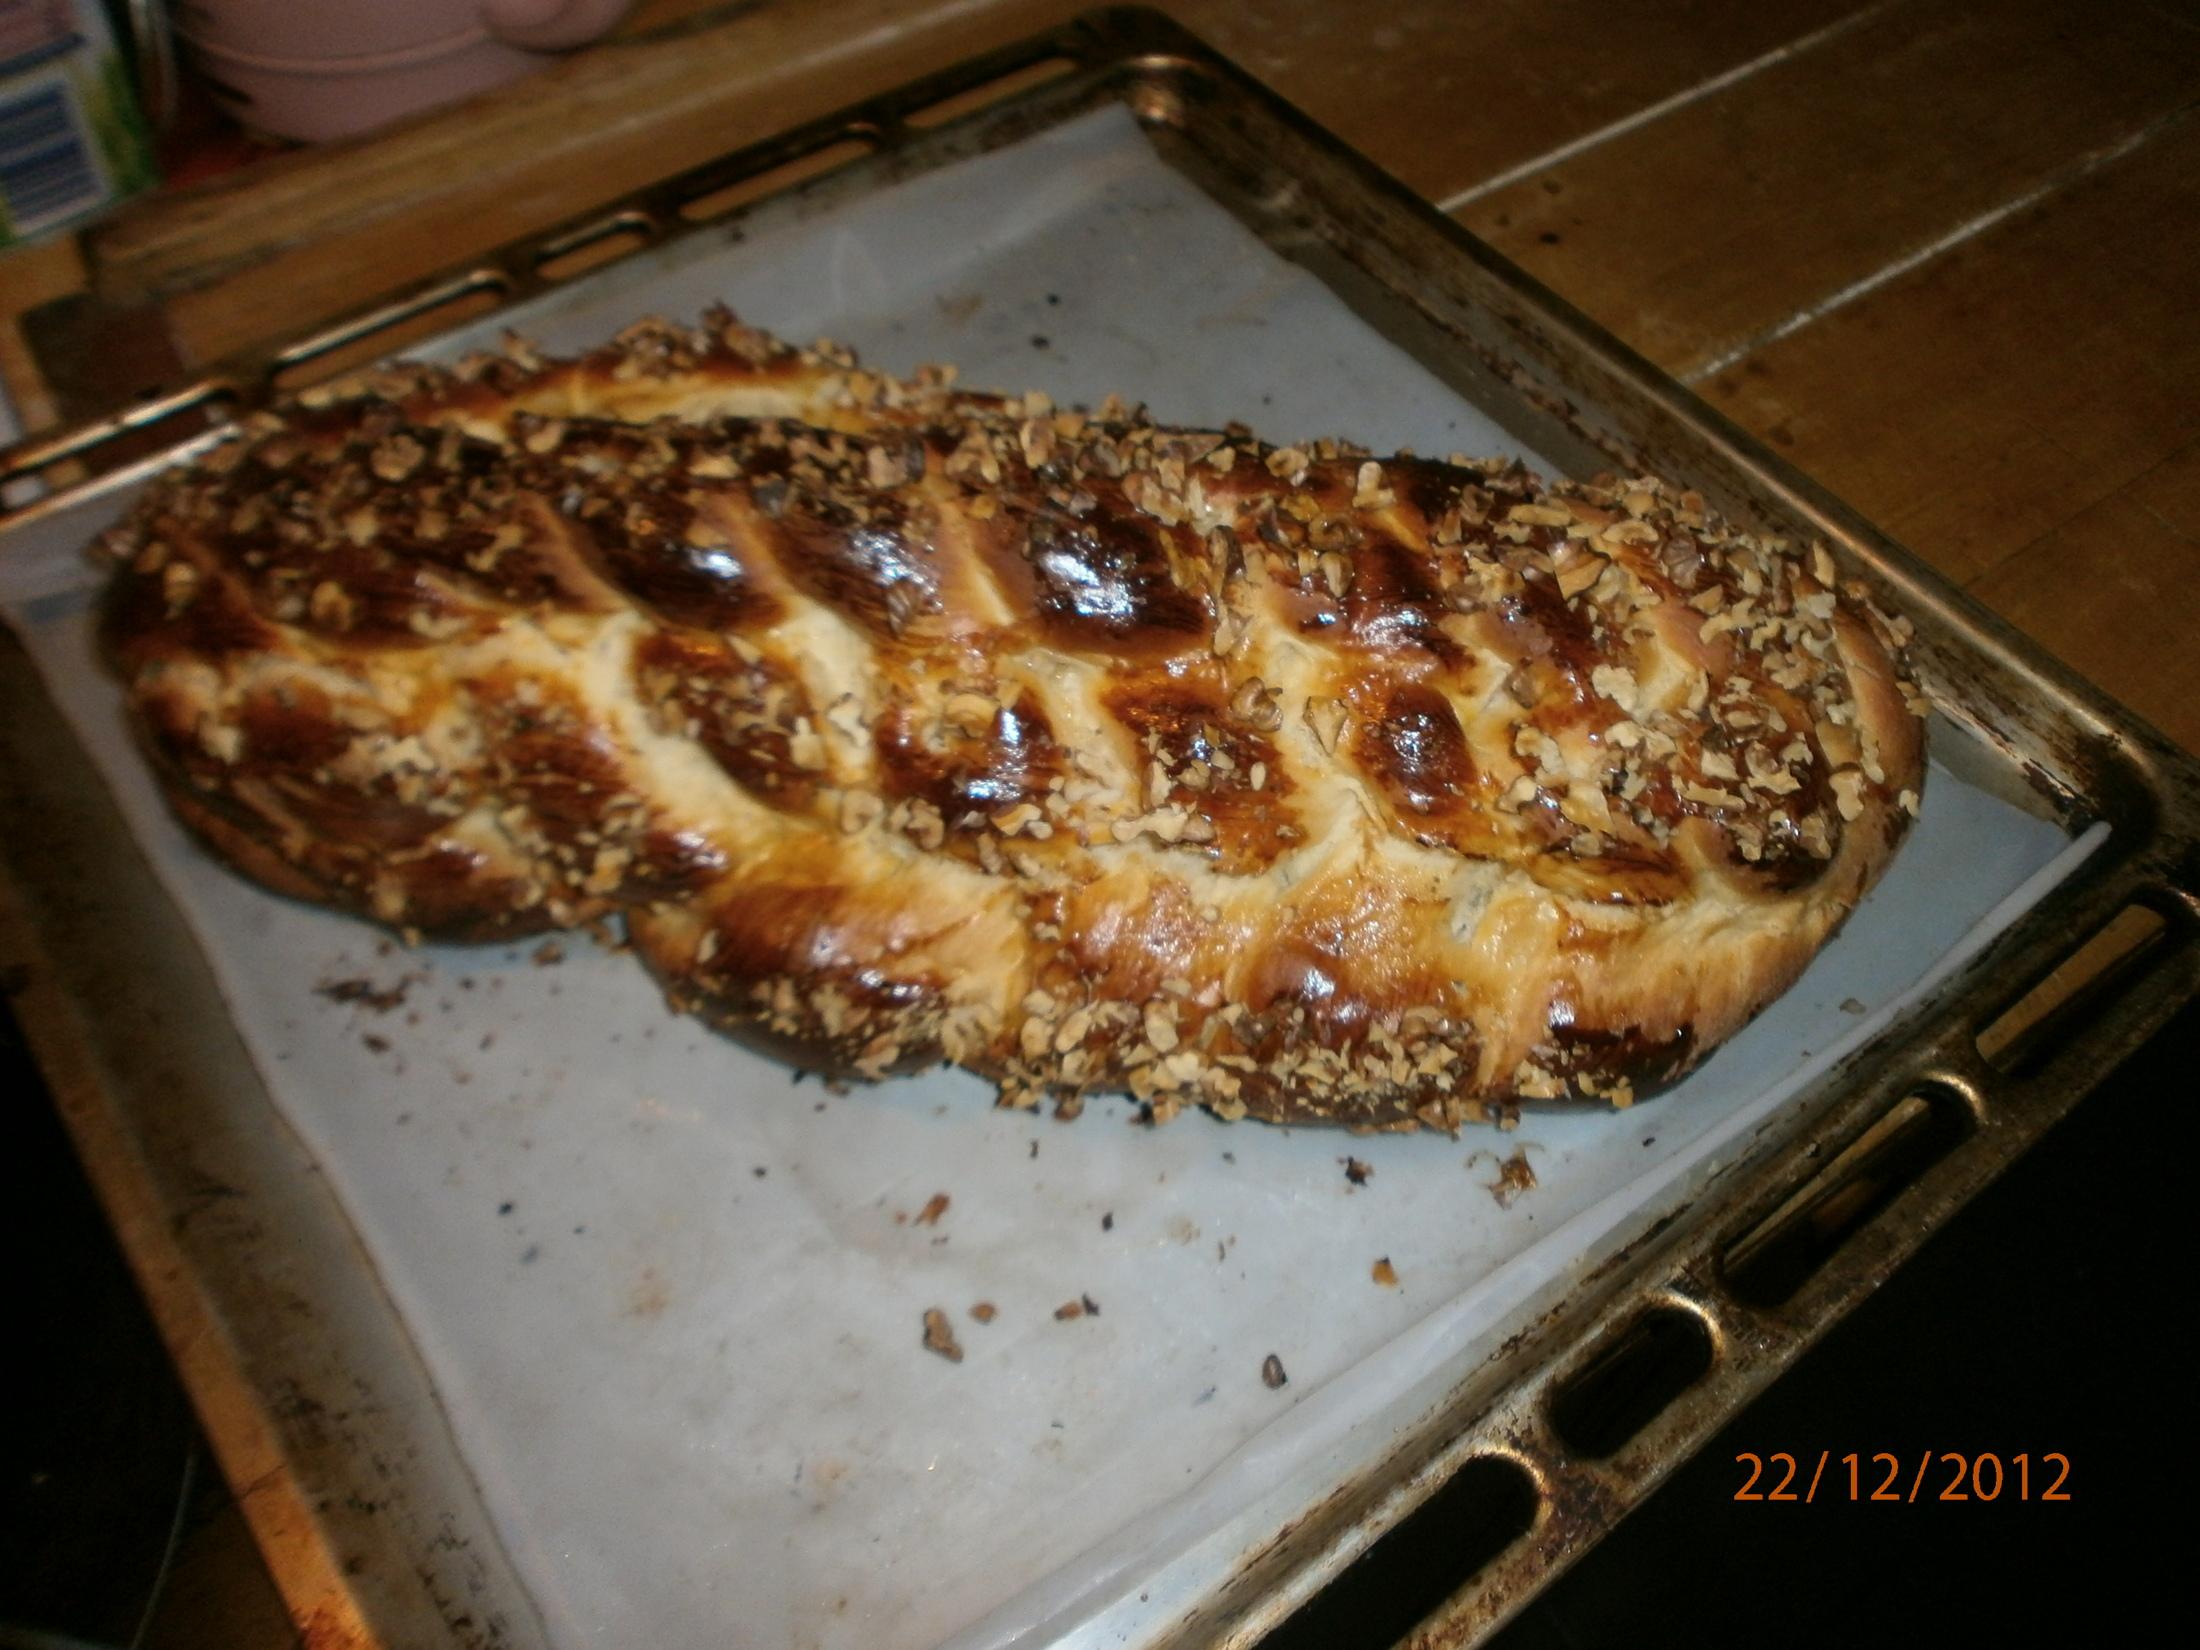 Recept Vánočka mojí babičky - Vánočka byla výborná :)